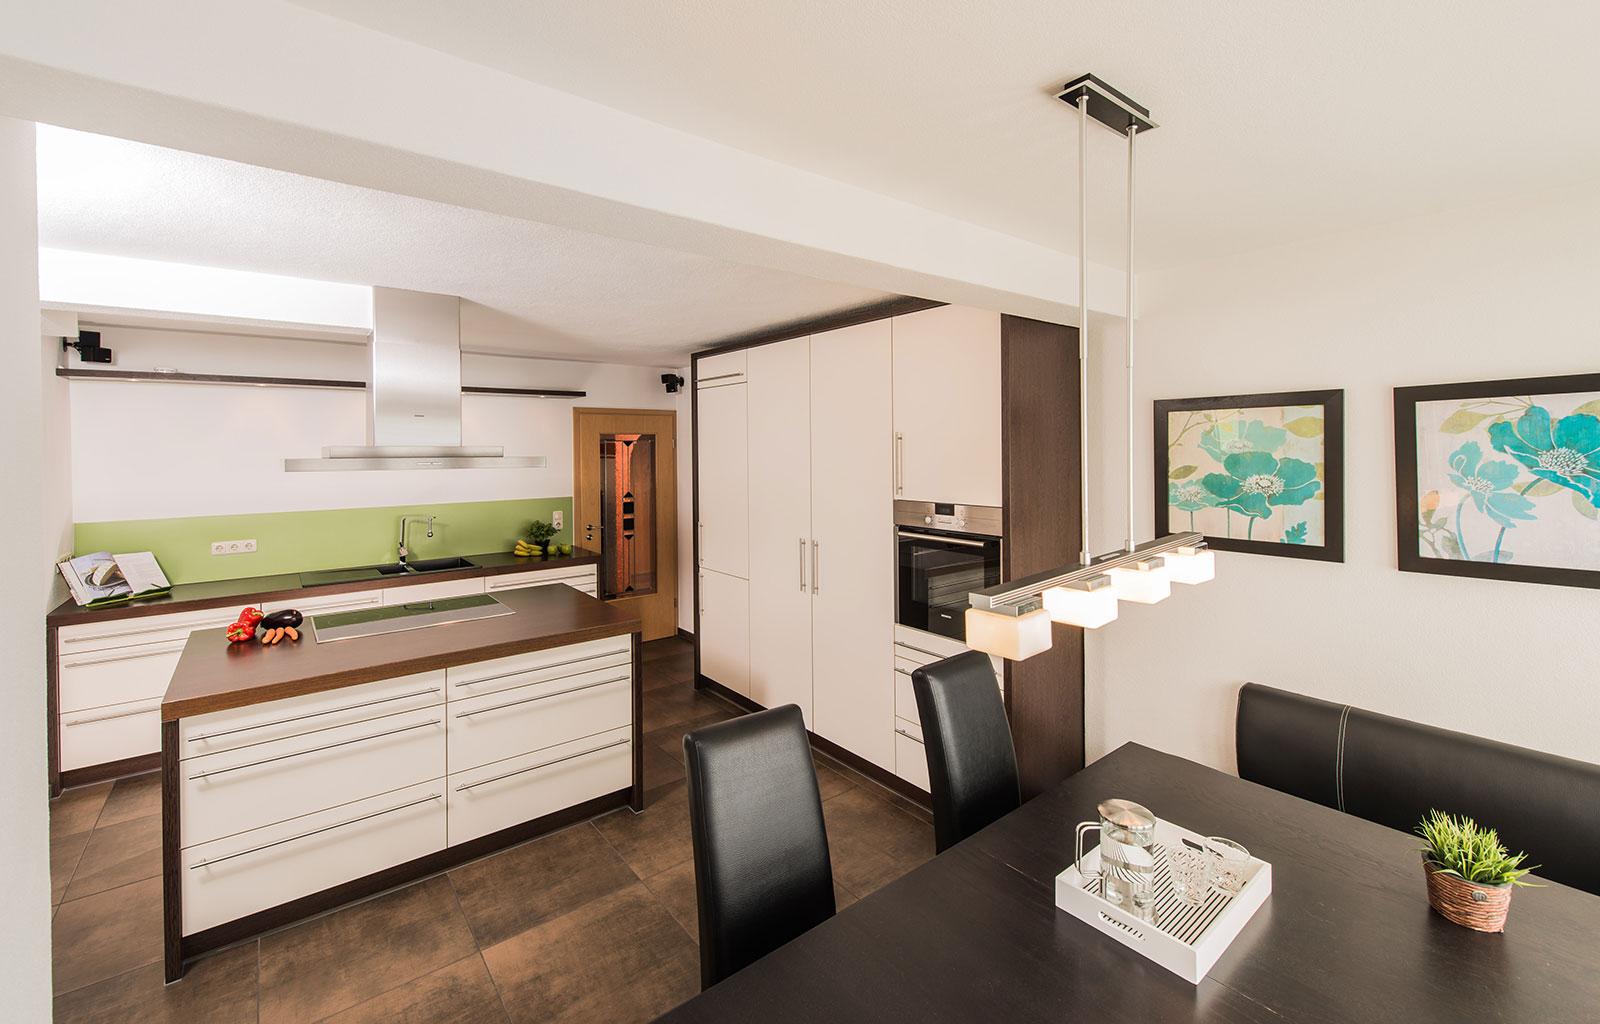 Gemütlich Küche Raumgestaltung Bilder - Ideen Für Die Küche ...